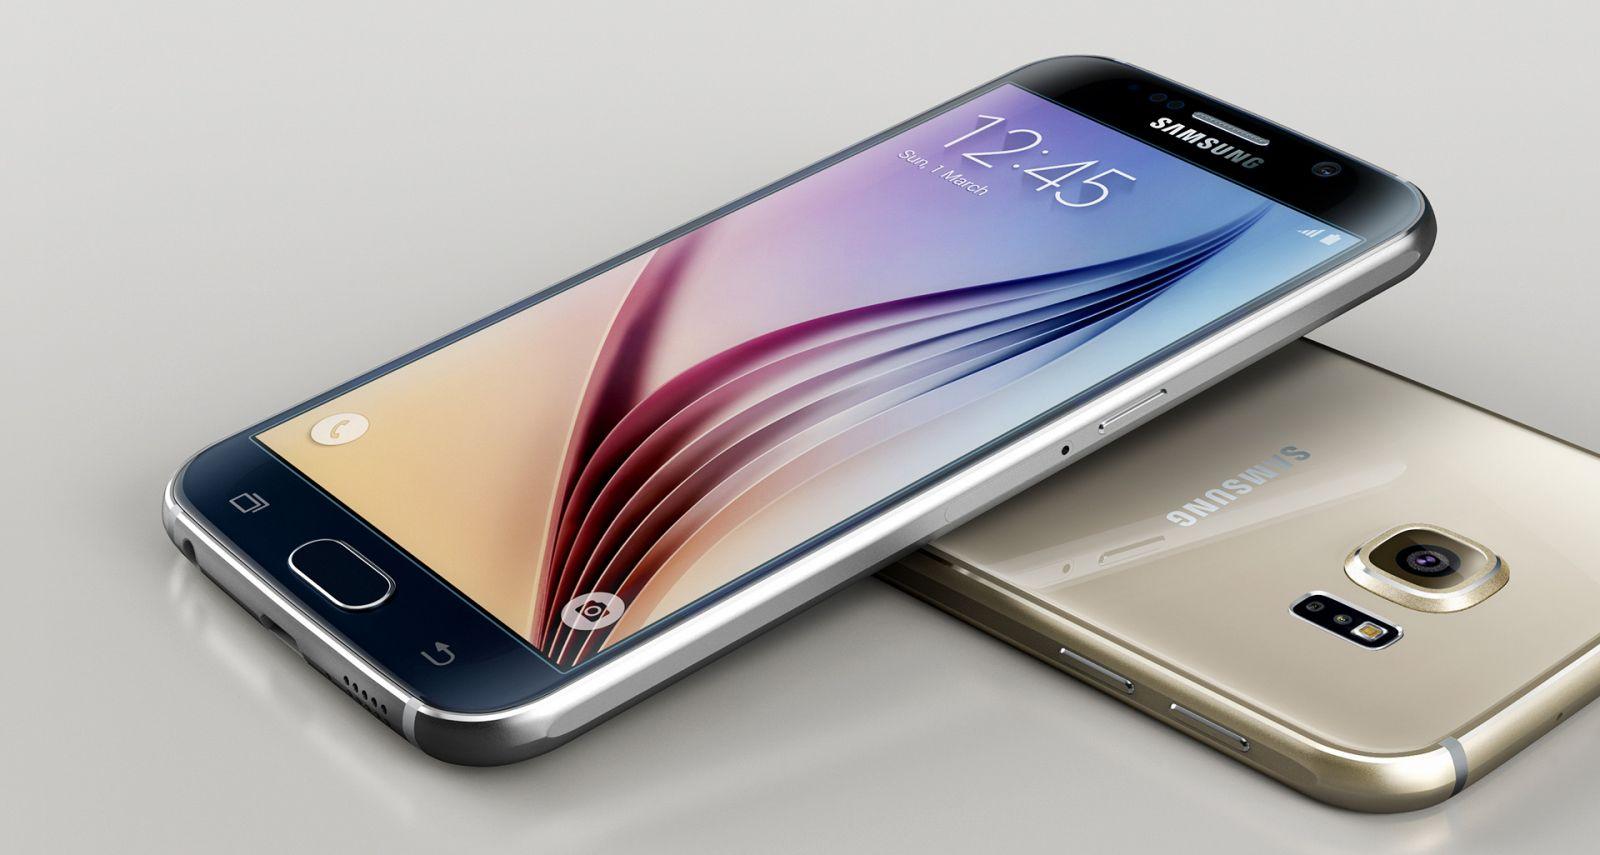 07b31de6ef8 Samsung Galaxy S6 on puhas klaas omaette ja imelise metallitöötlemise  kombinatsioon. Mobiiltelefon rõhutab unikaalsust maailma esimese dual-serva  ekraaniga, ...